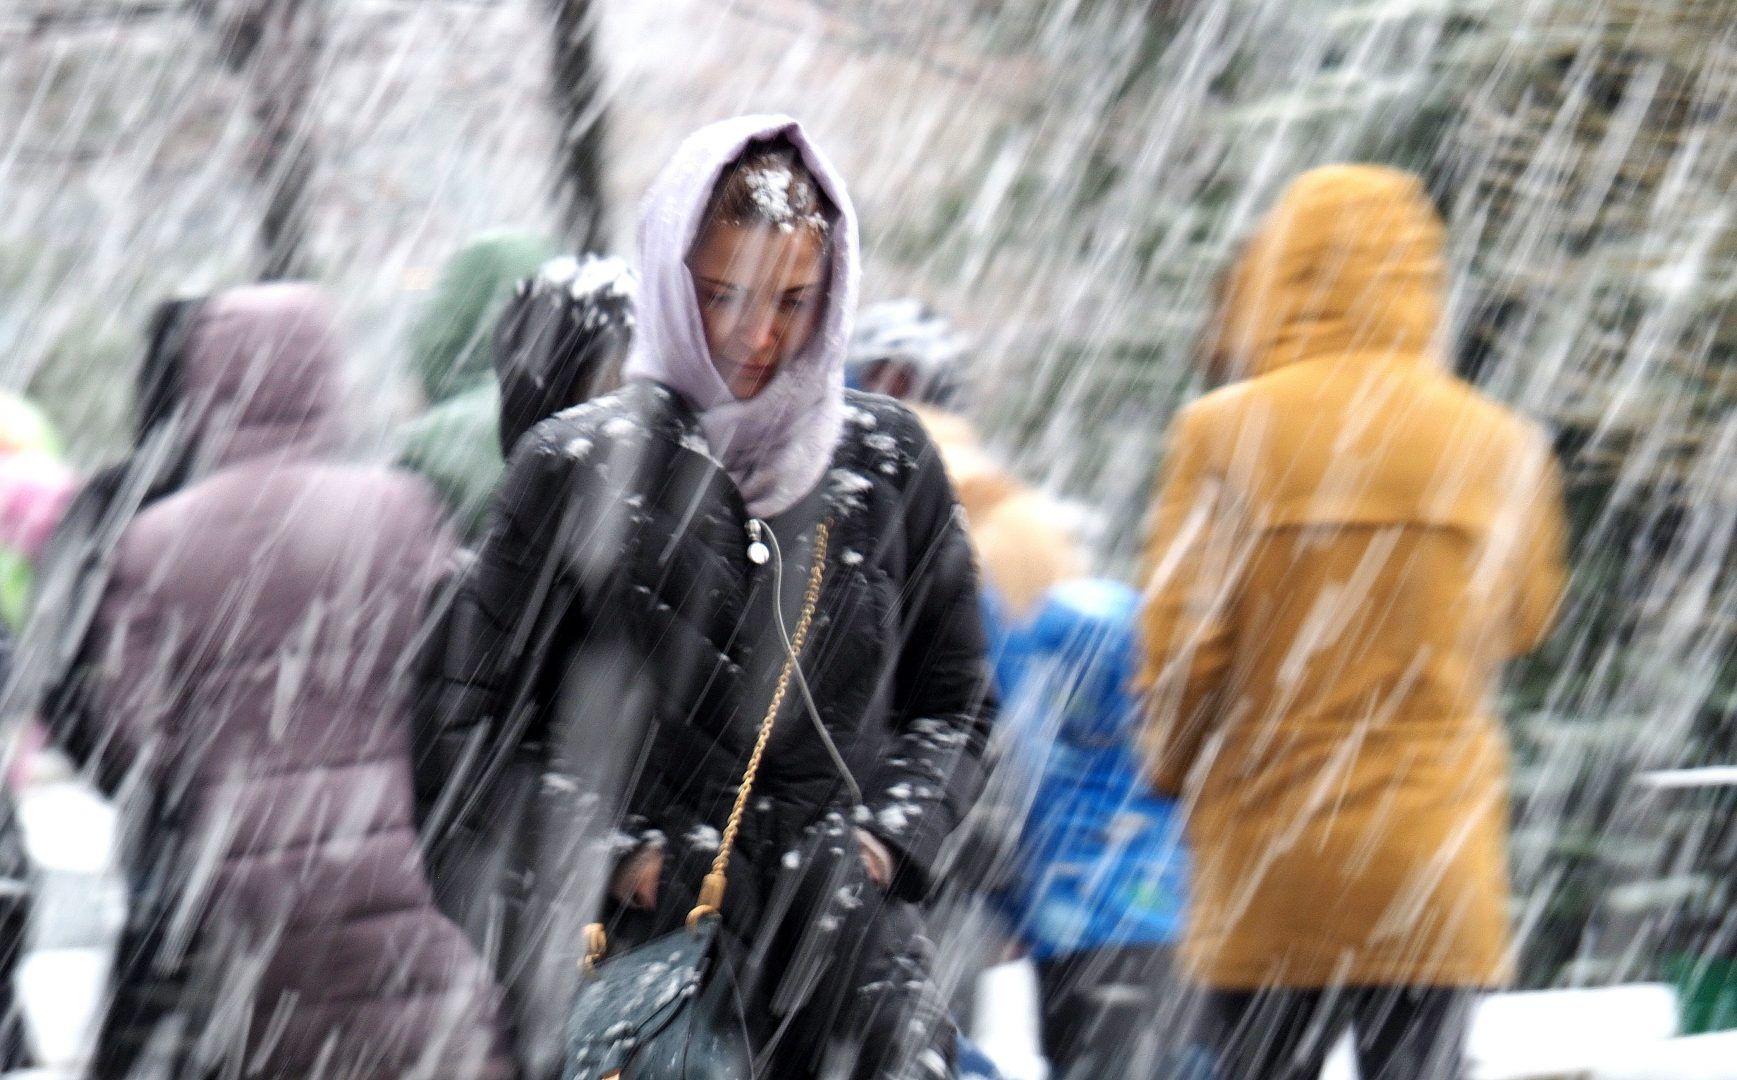 Метеорологи выпустили прогноз погоды на следующую неделю.Фото: архив, «Вечерняя Москва»